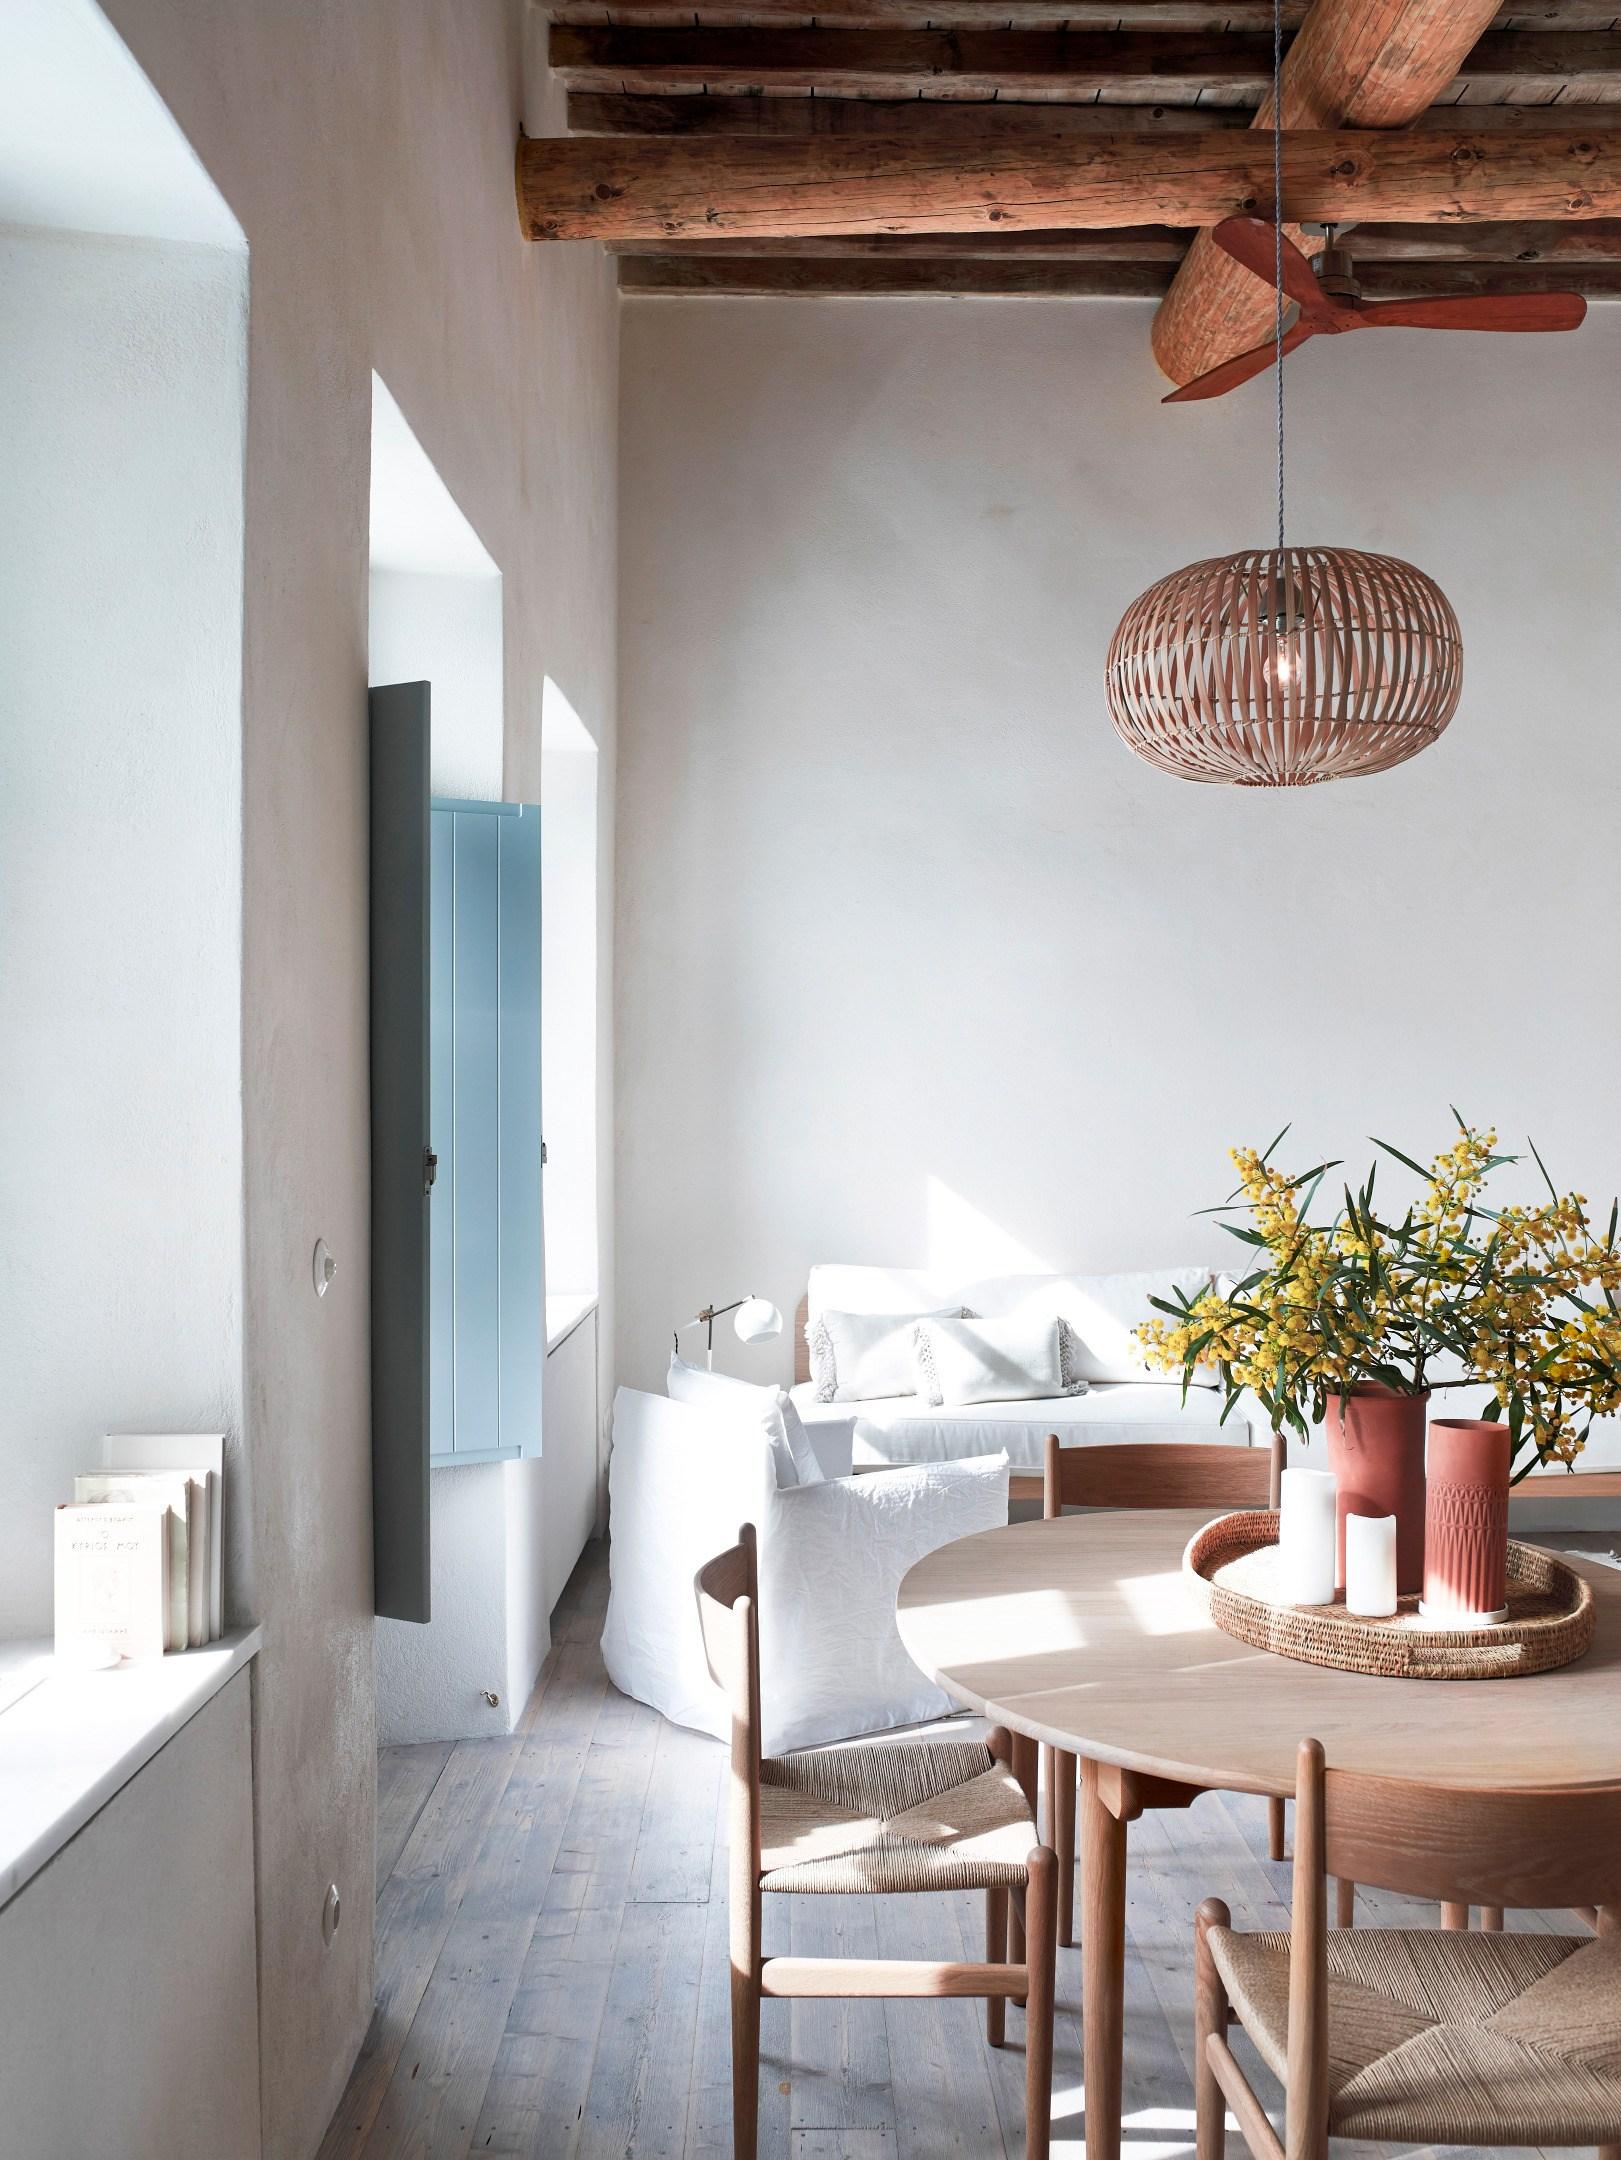 Decoration interieur style grec - Design en image